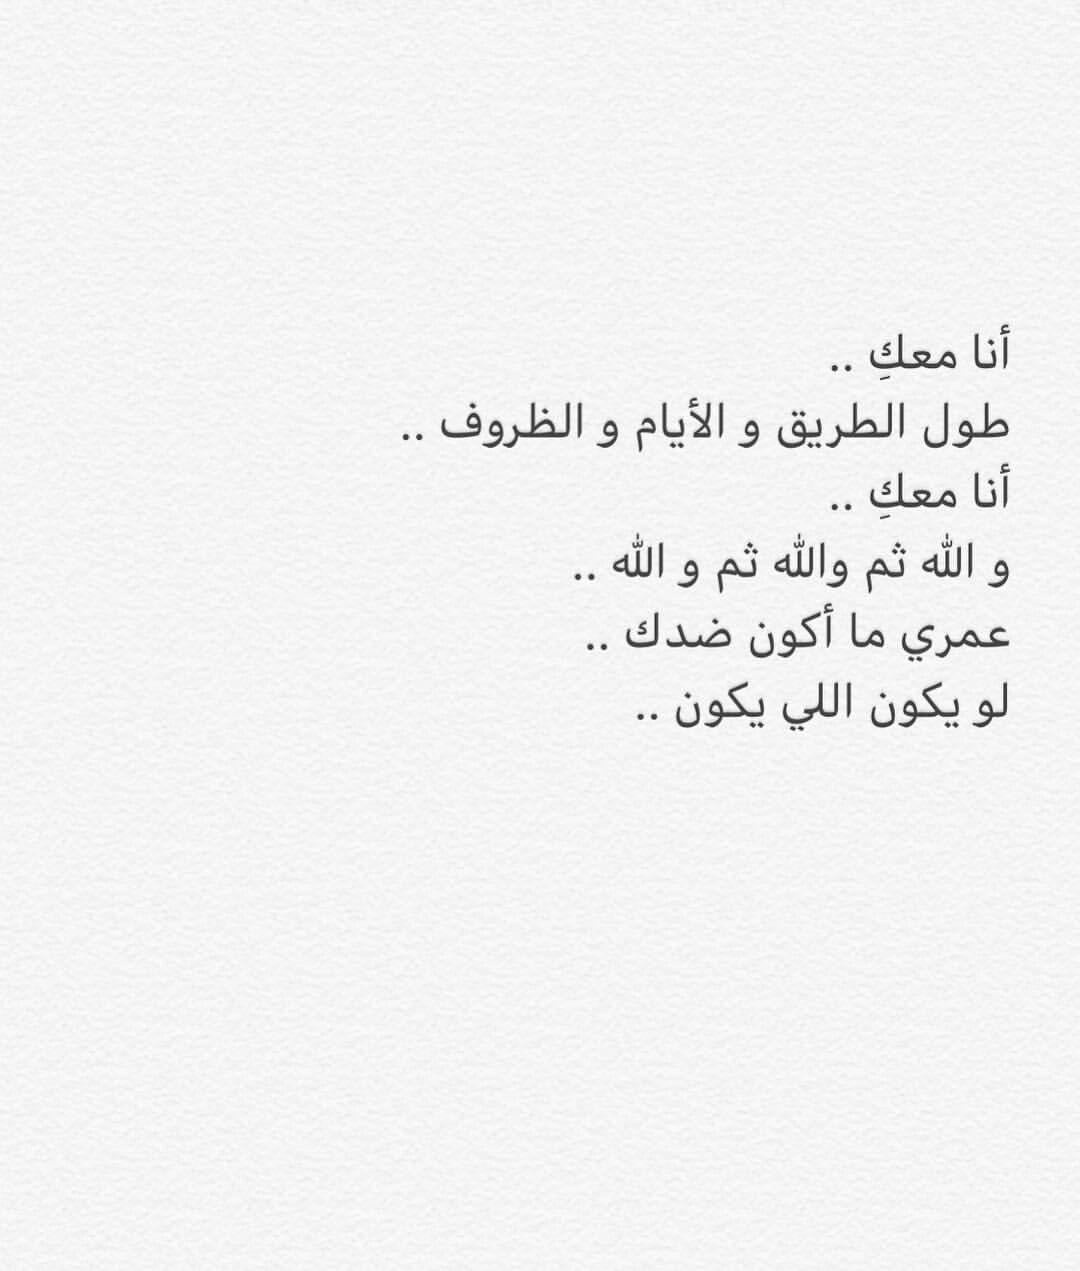 9 11 انا اذا كنت ضدك رح اكون ضدي اصلا انا معك بالم رة قبل الحلوة Dark Quotes Arabic Quotes Arabic Love Quotes